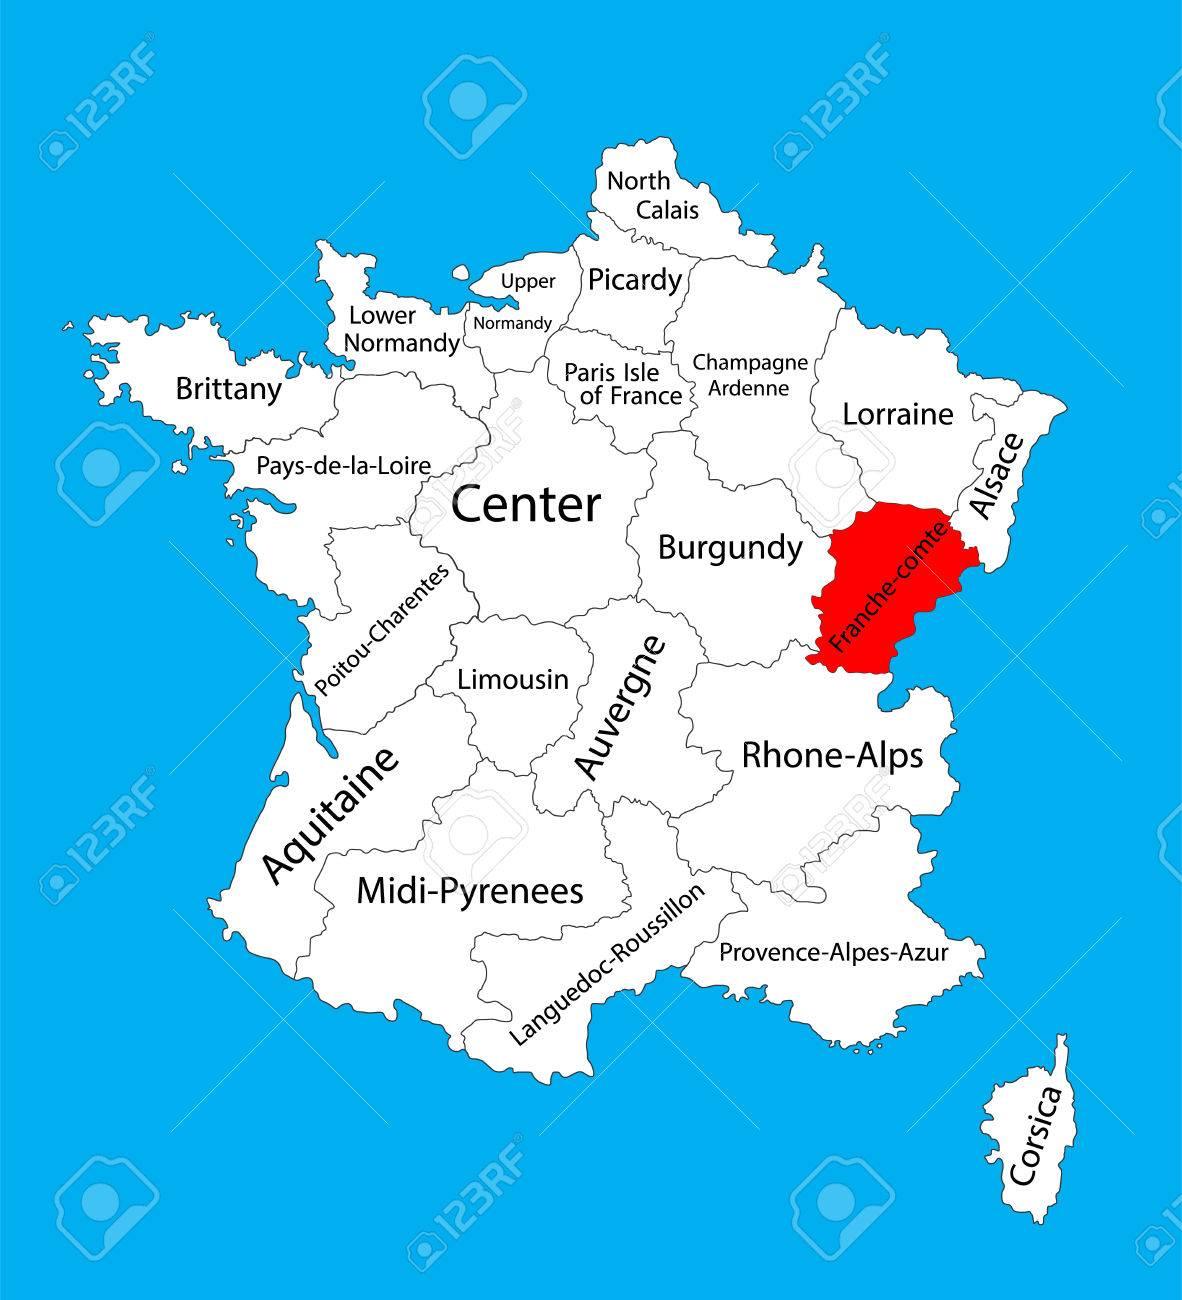 Regiune Burgundia-Franche-Comté, Franța - Orașe și sate în lume